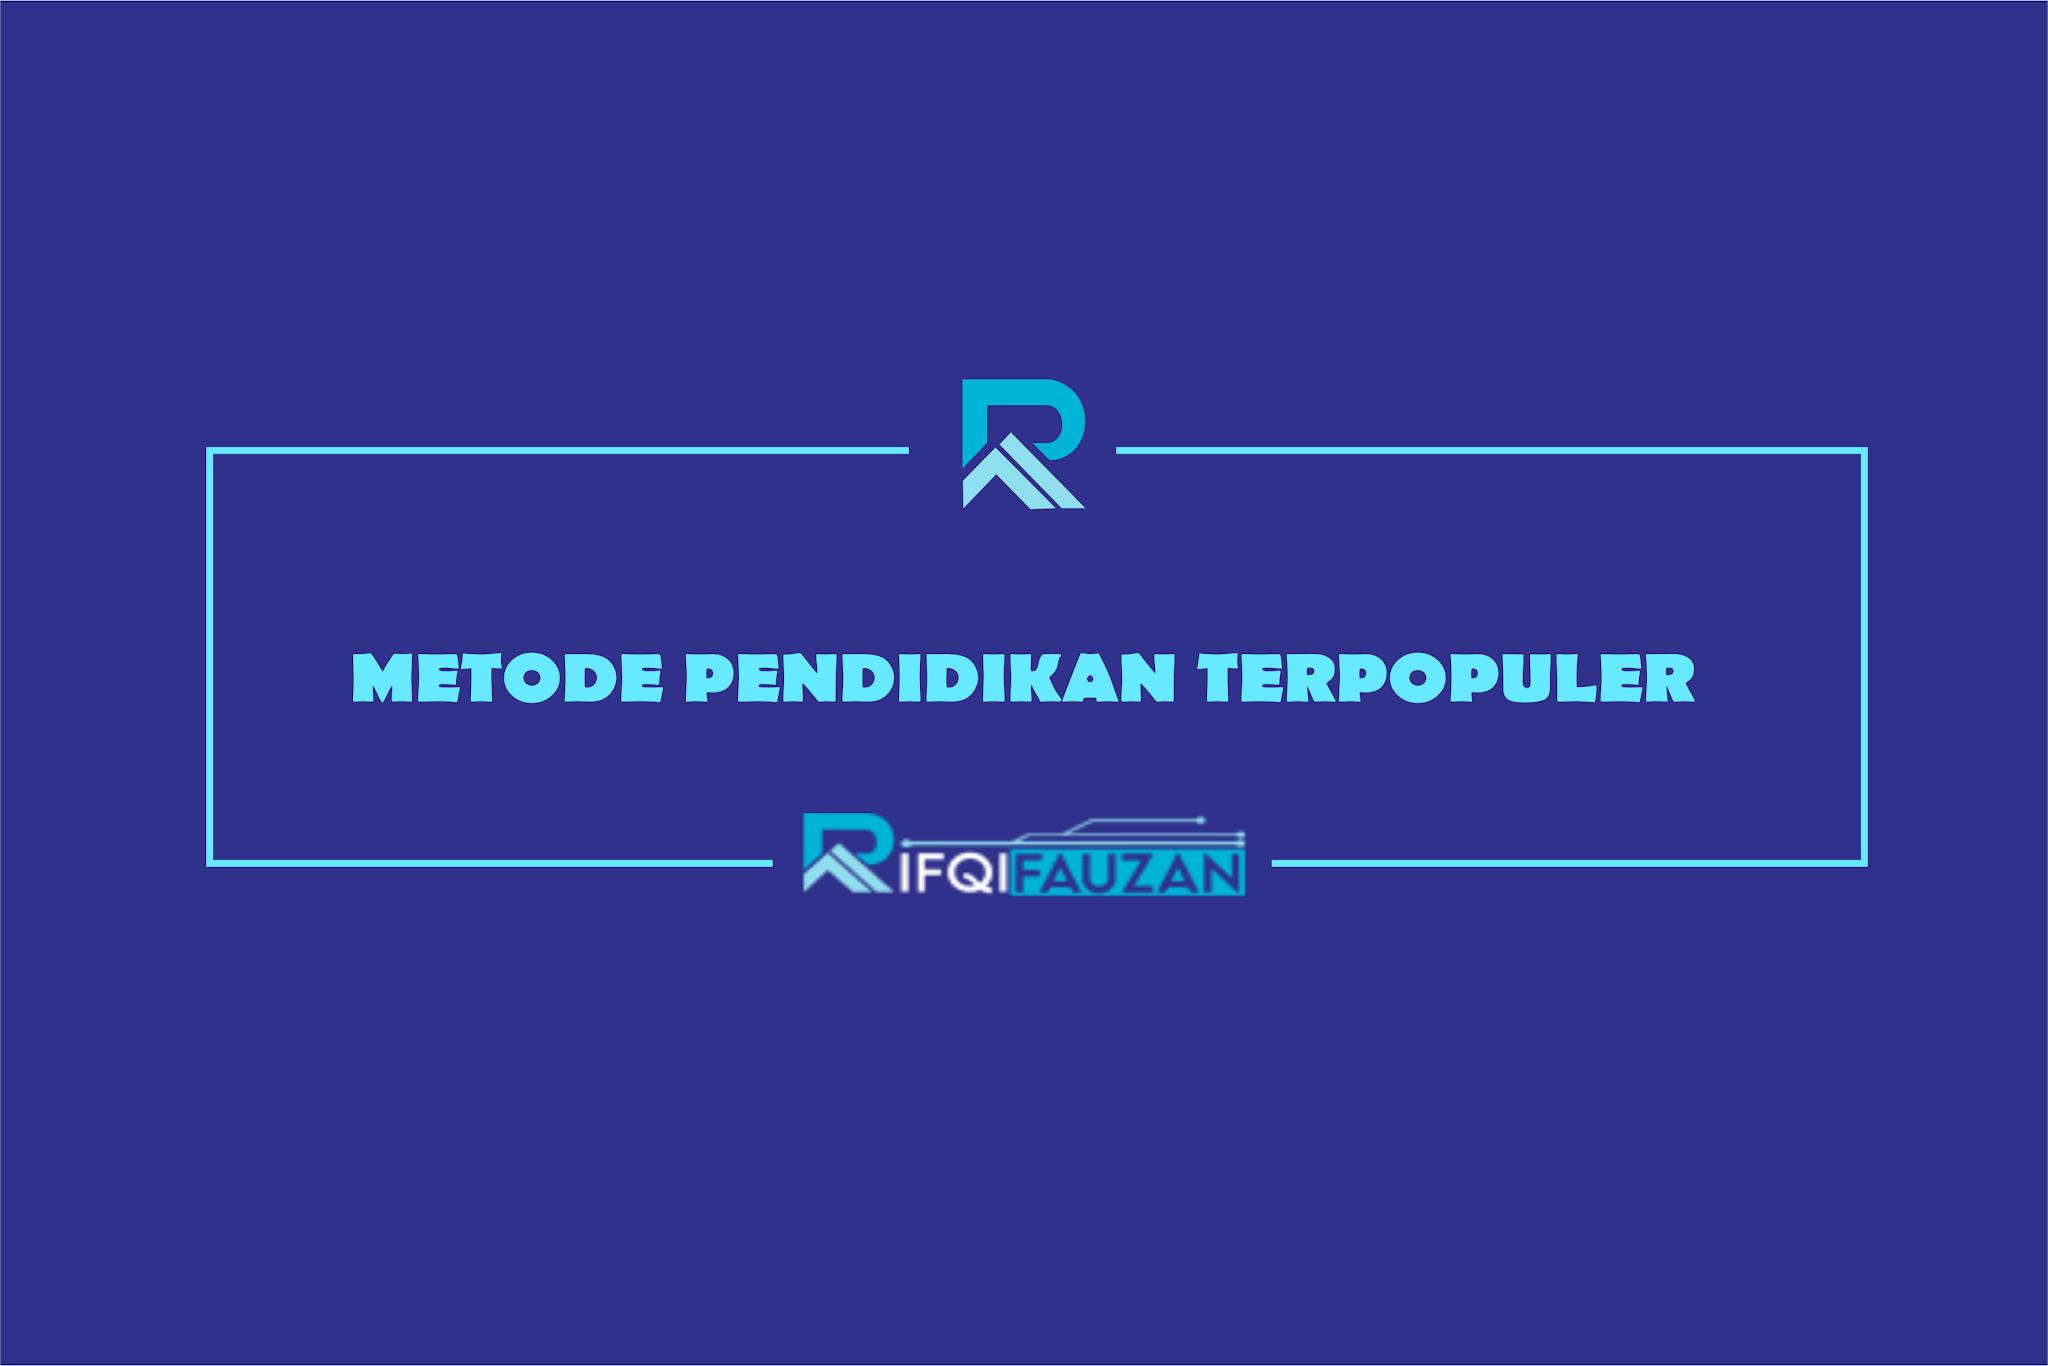 MONTESSORI SCHOOL, METODE PENDIDIKAN YANG SEDANG POPULER DI INDONESIA